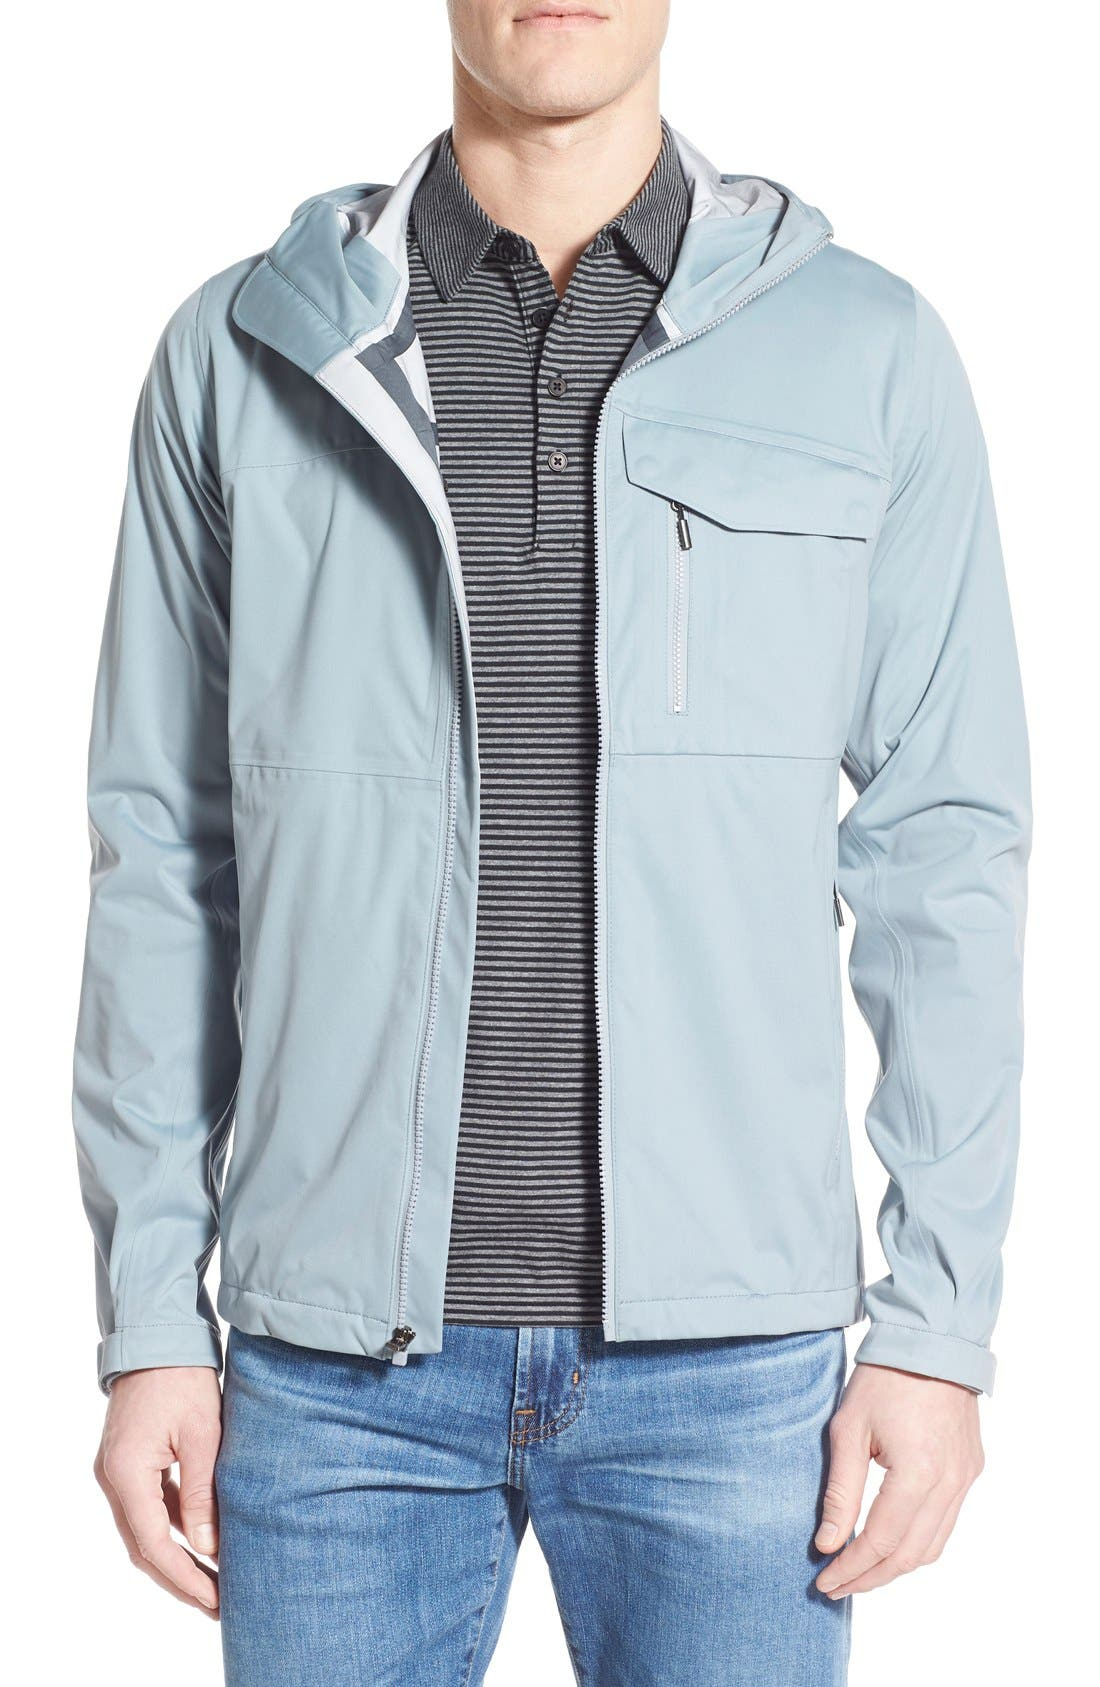 Alternate Image 1 Selected - Nau 'Rebound' Regular Fit Zip Hooded Jacket